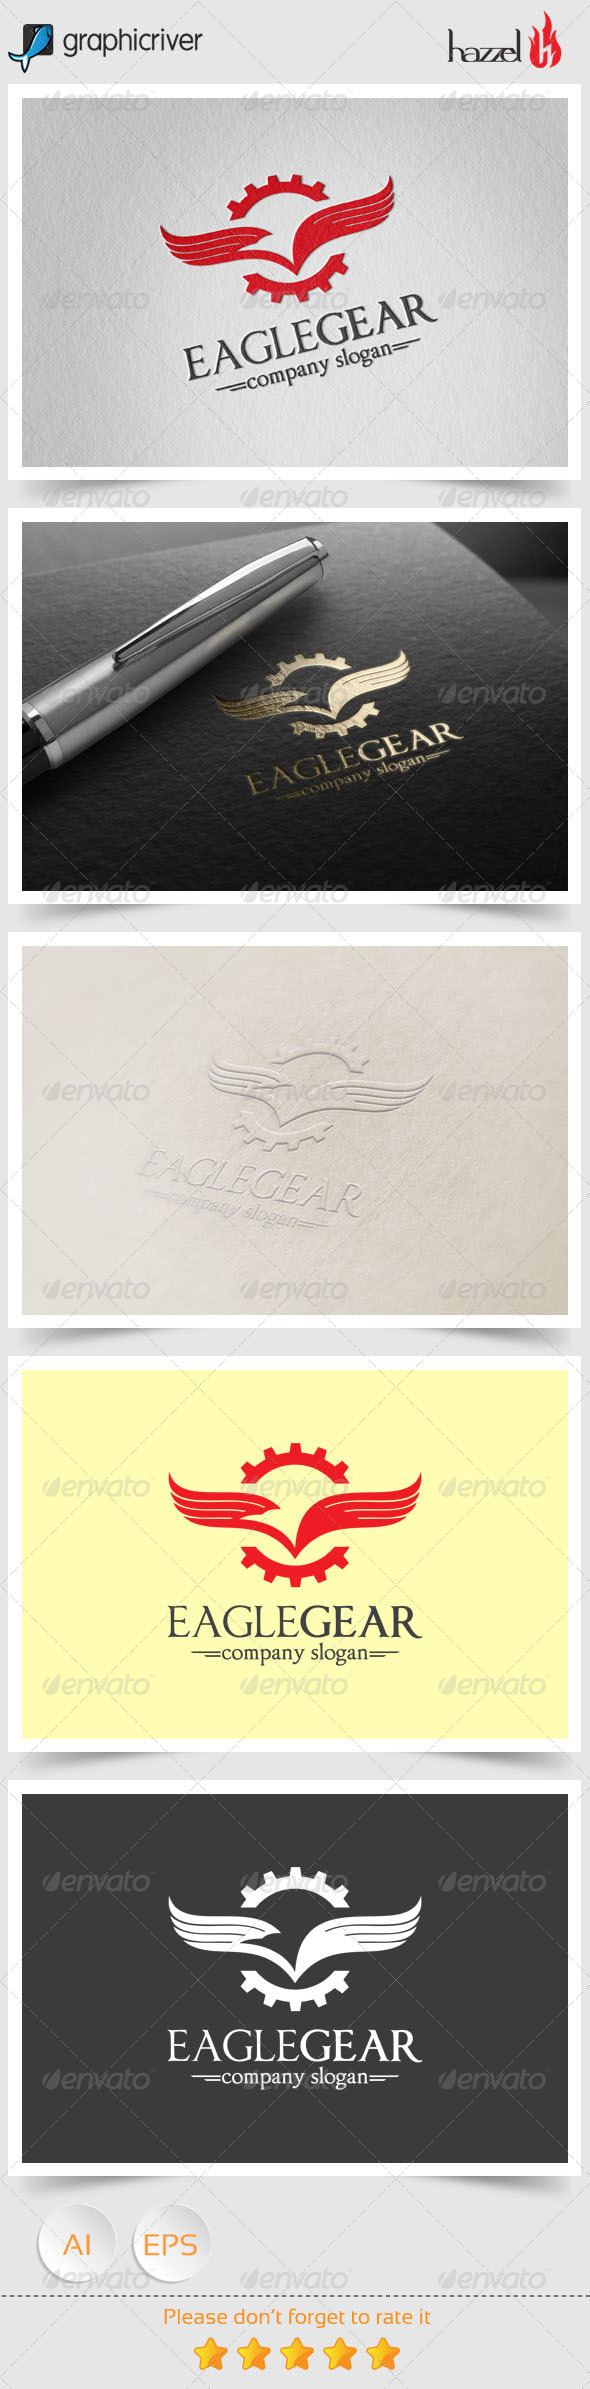 GraphicRiver Eagle Gear Logo 8368337